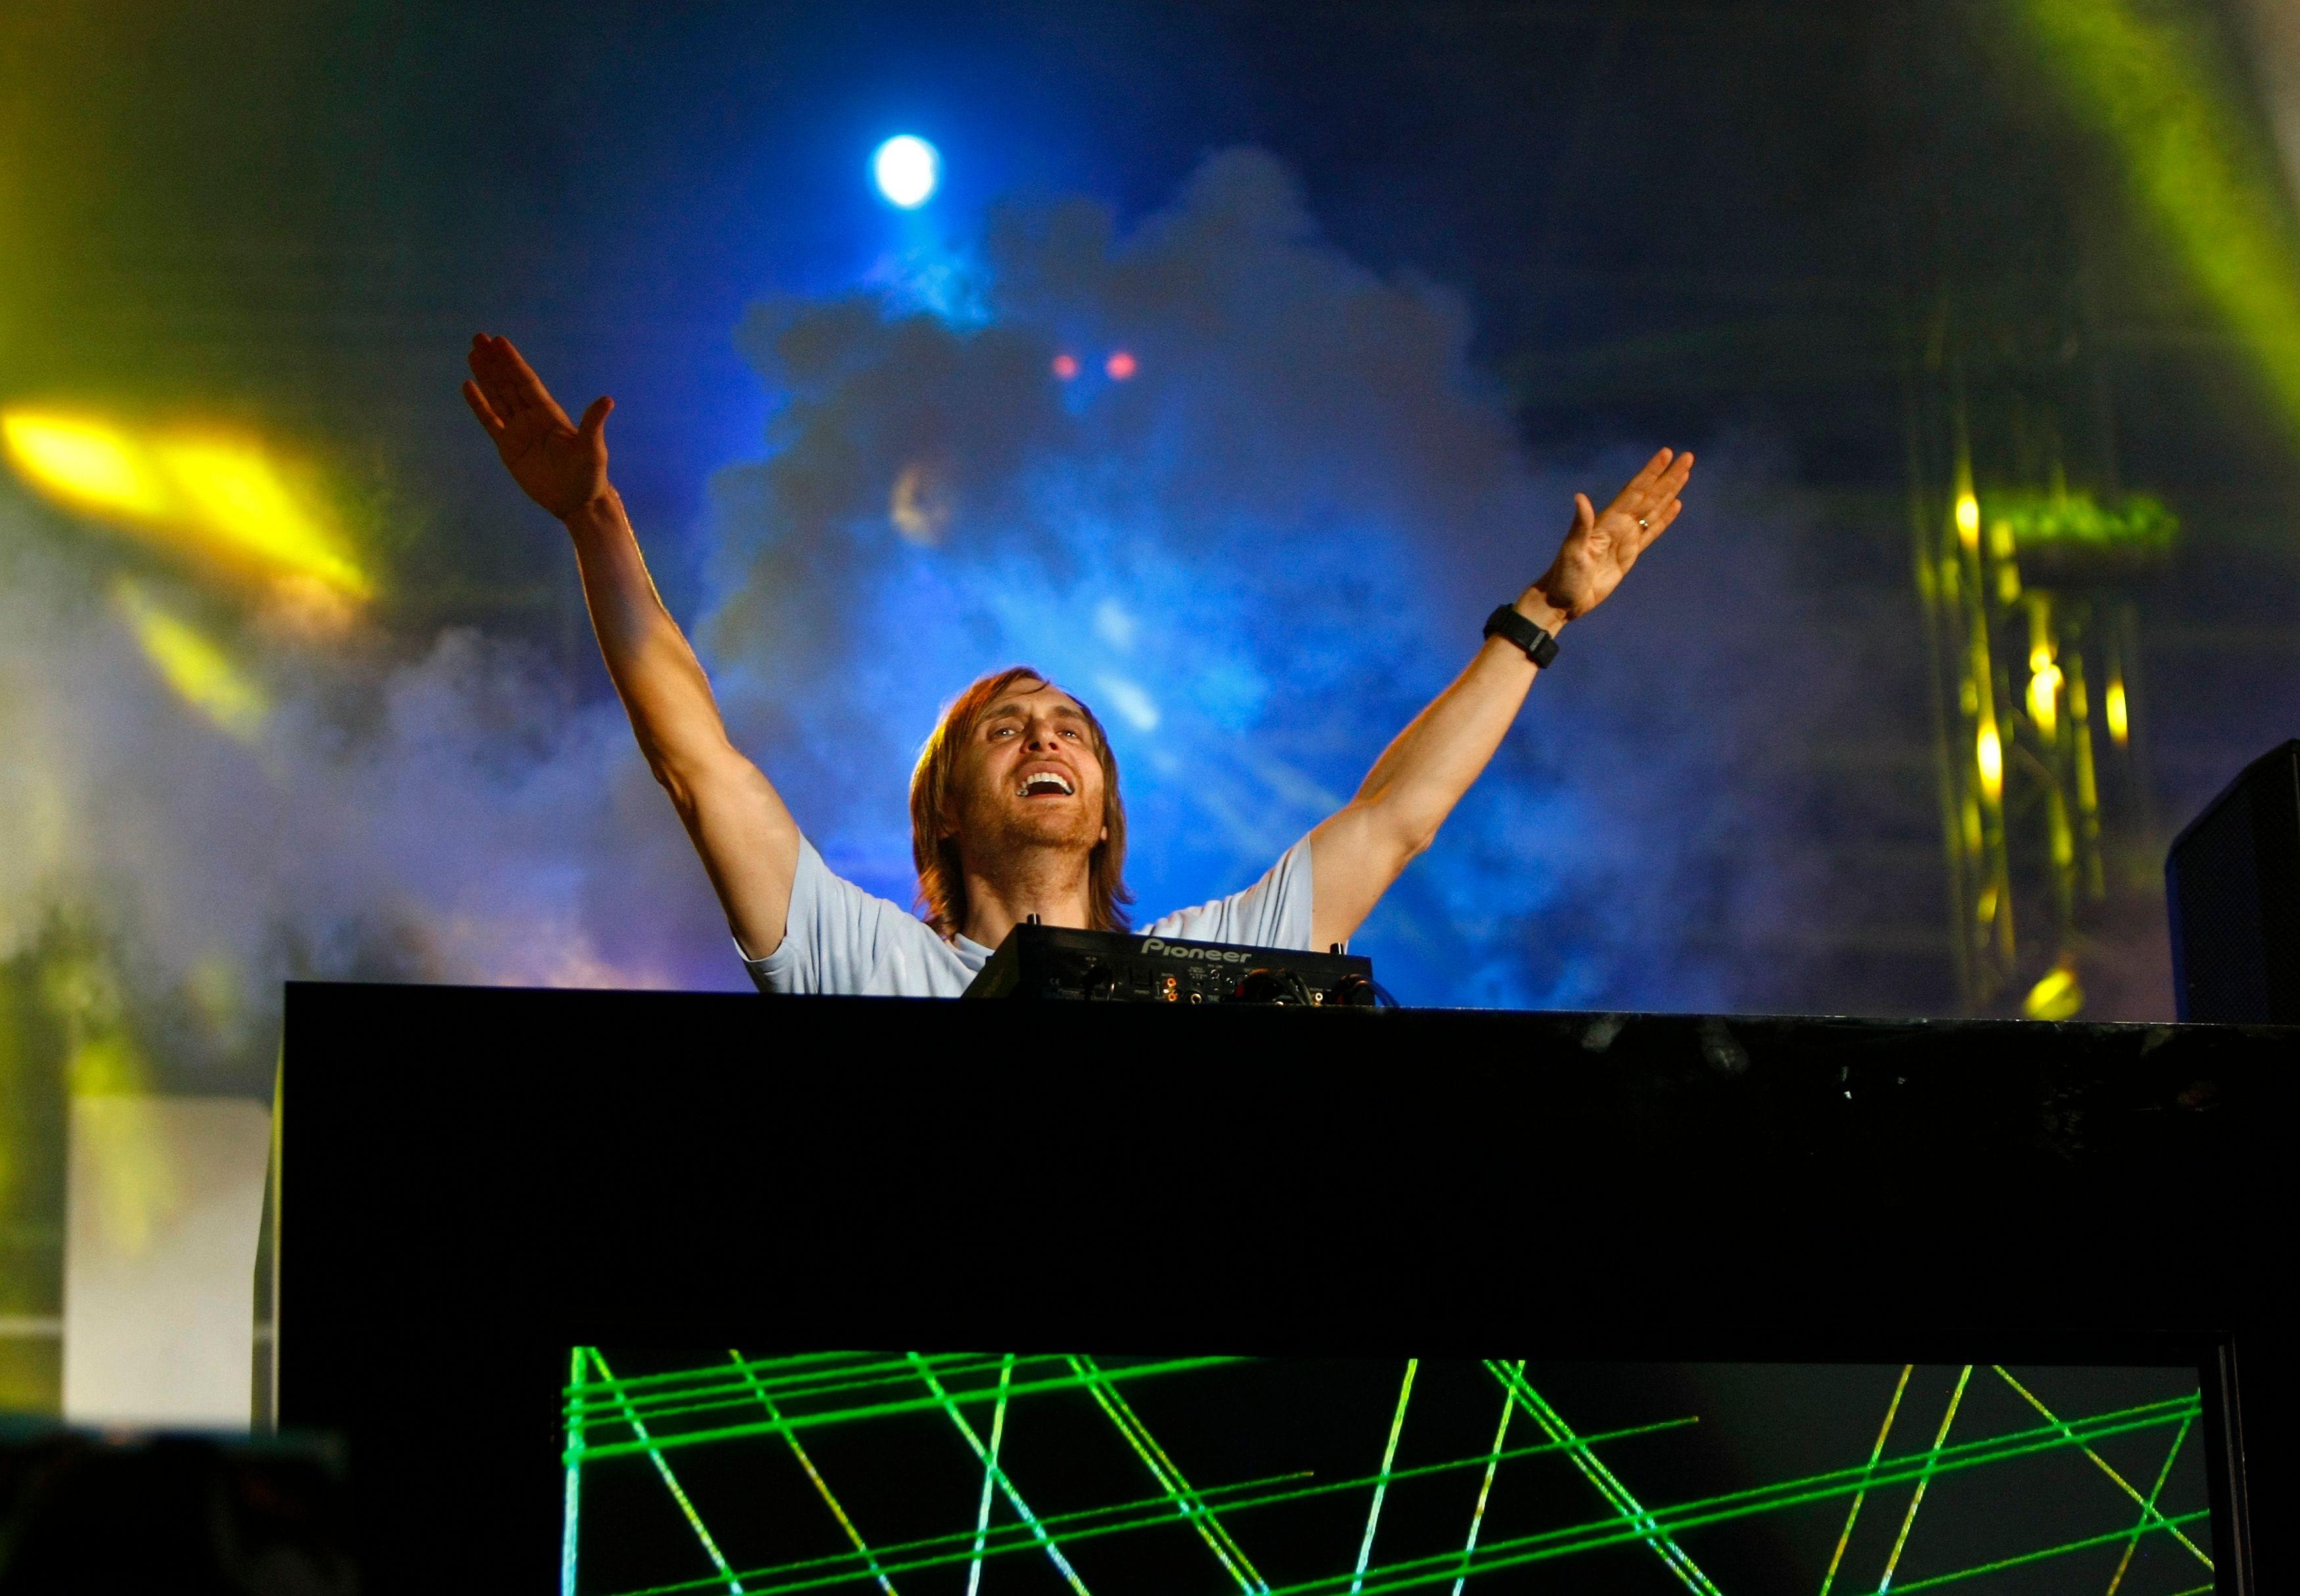 David Guetta est le deuxième homme le plus influent du monde.